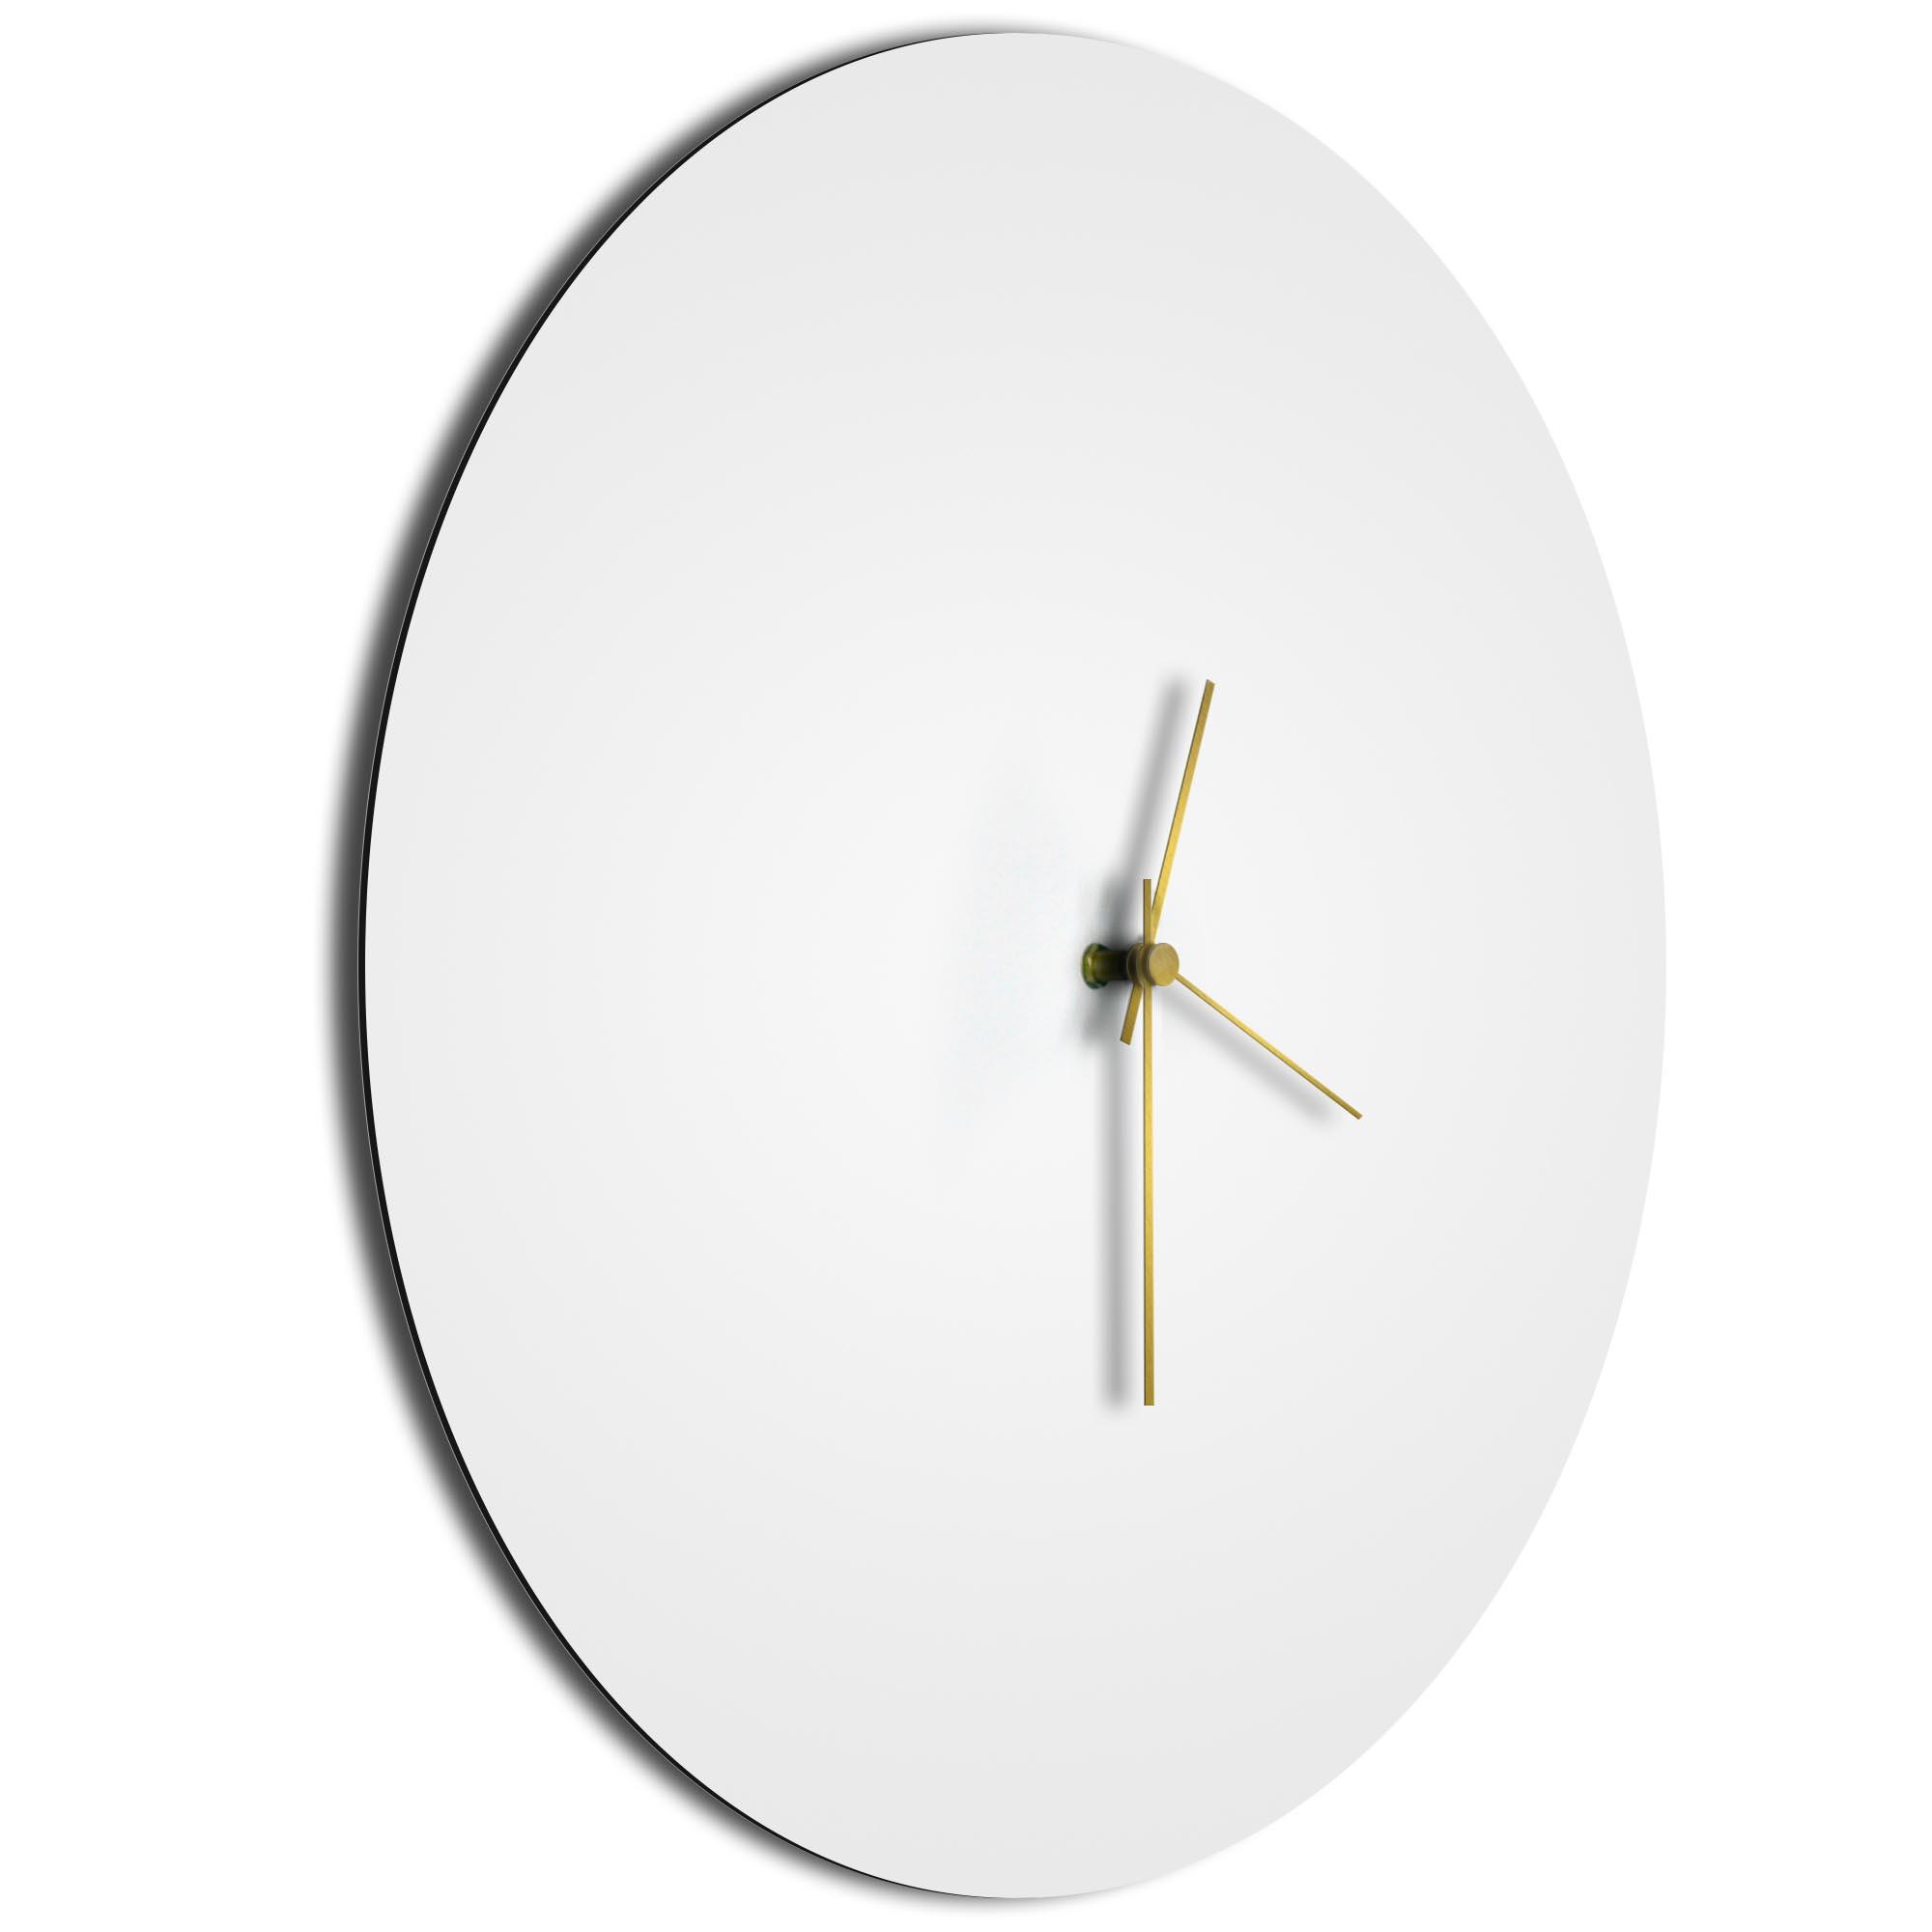 Whiteout Gold Circle Clock Large - Image 2